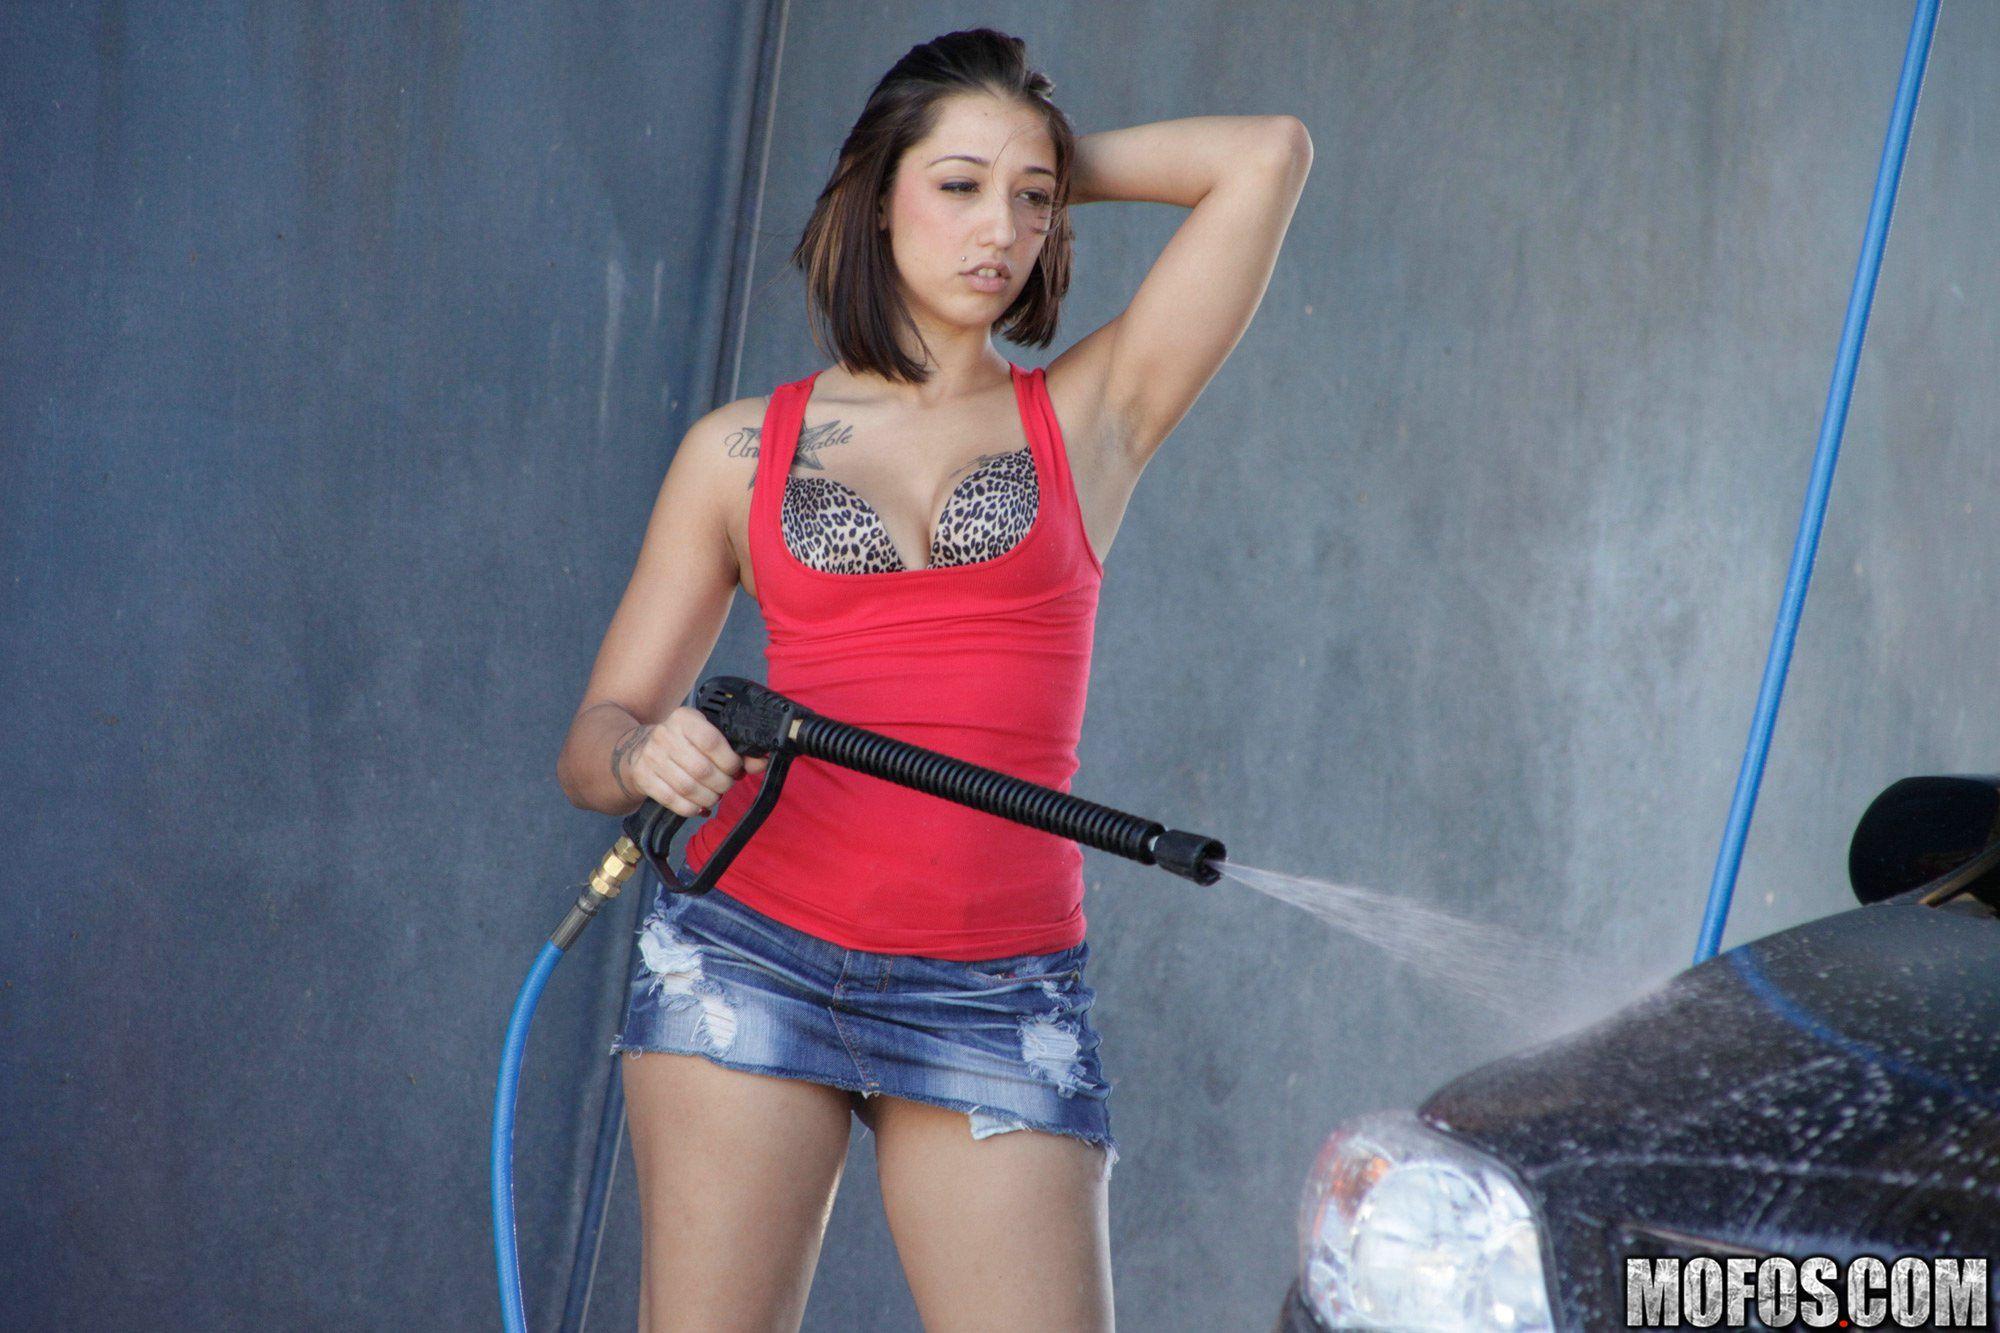 Stefania Mafra naked